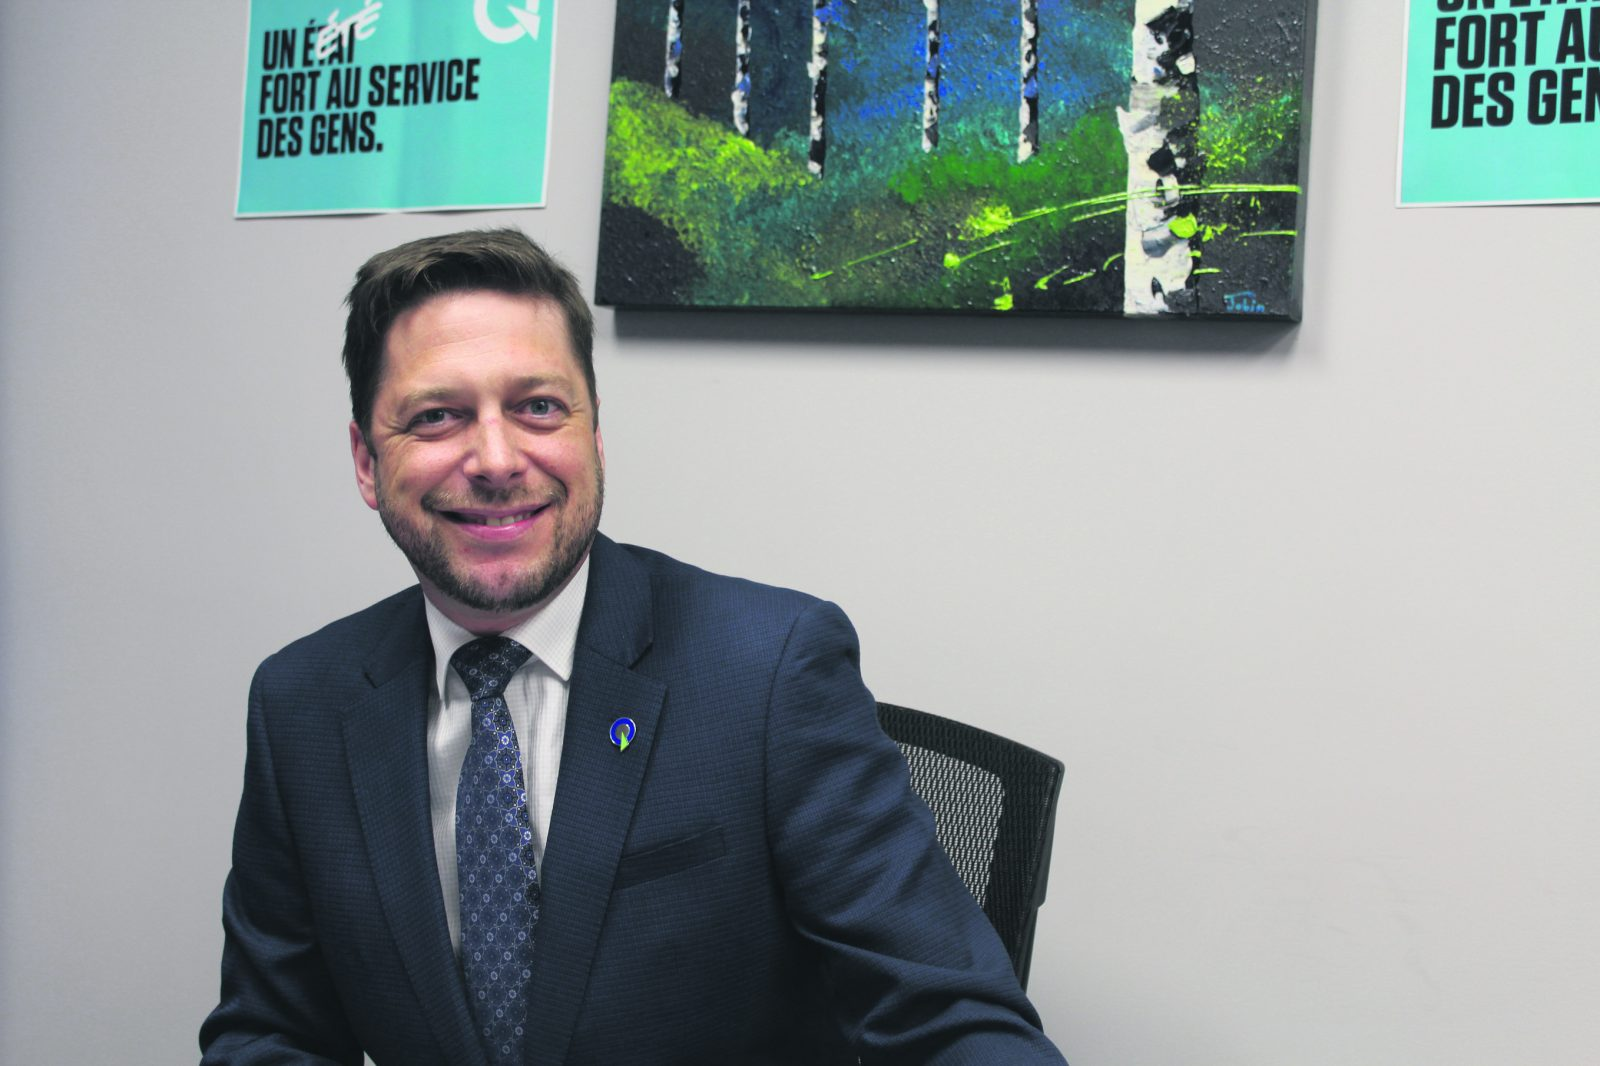 Frais de déplacement pour soins de santé spécialisés – Le député Ouellet salue l'engagement de la ministre McCann